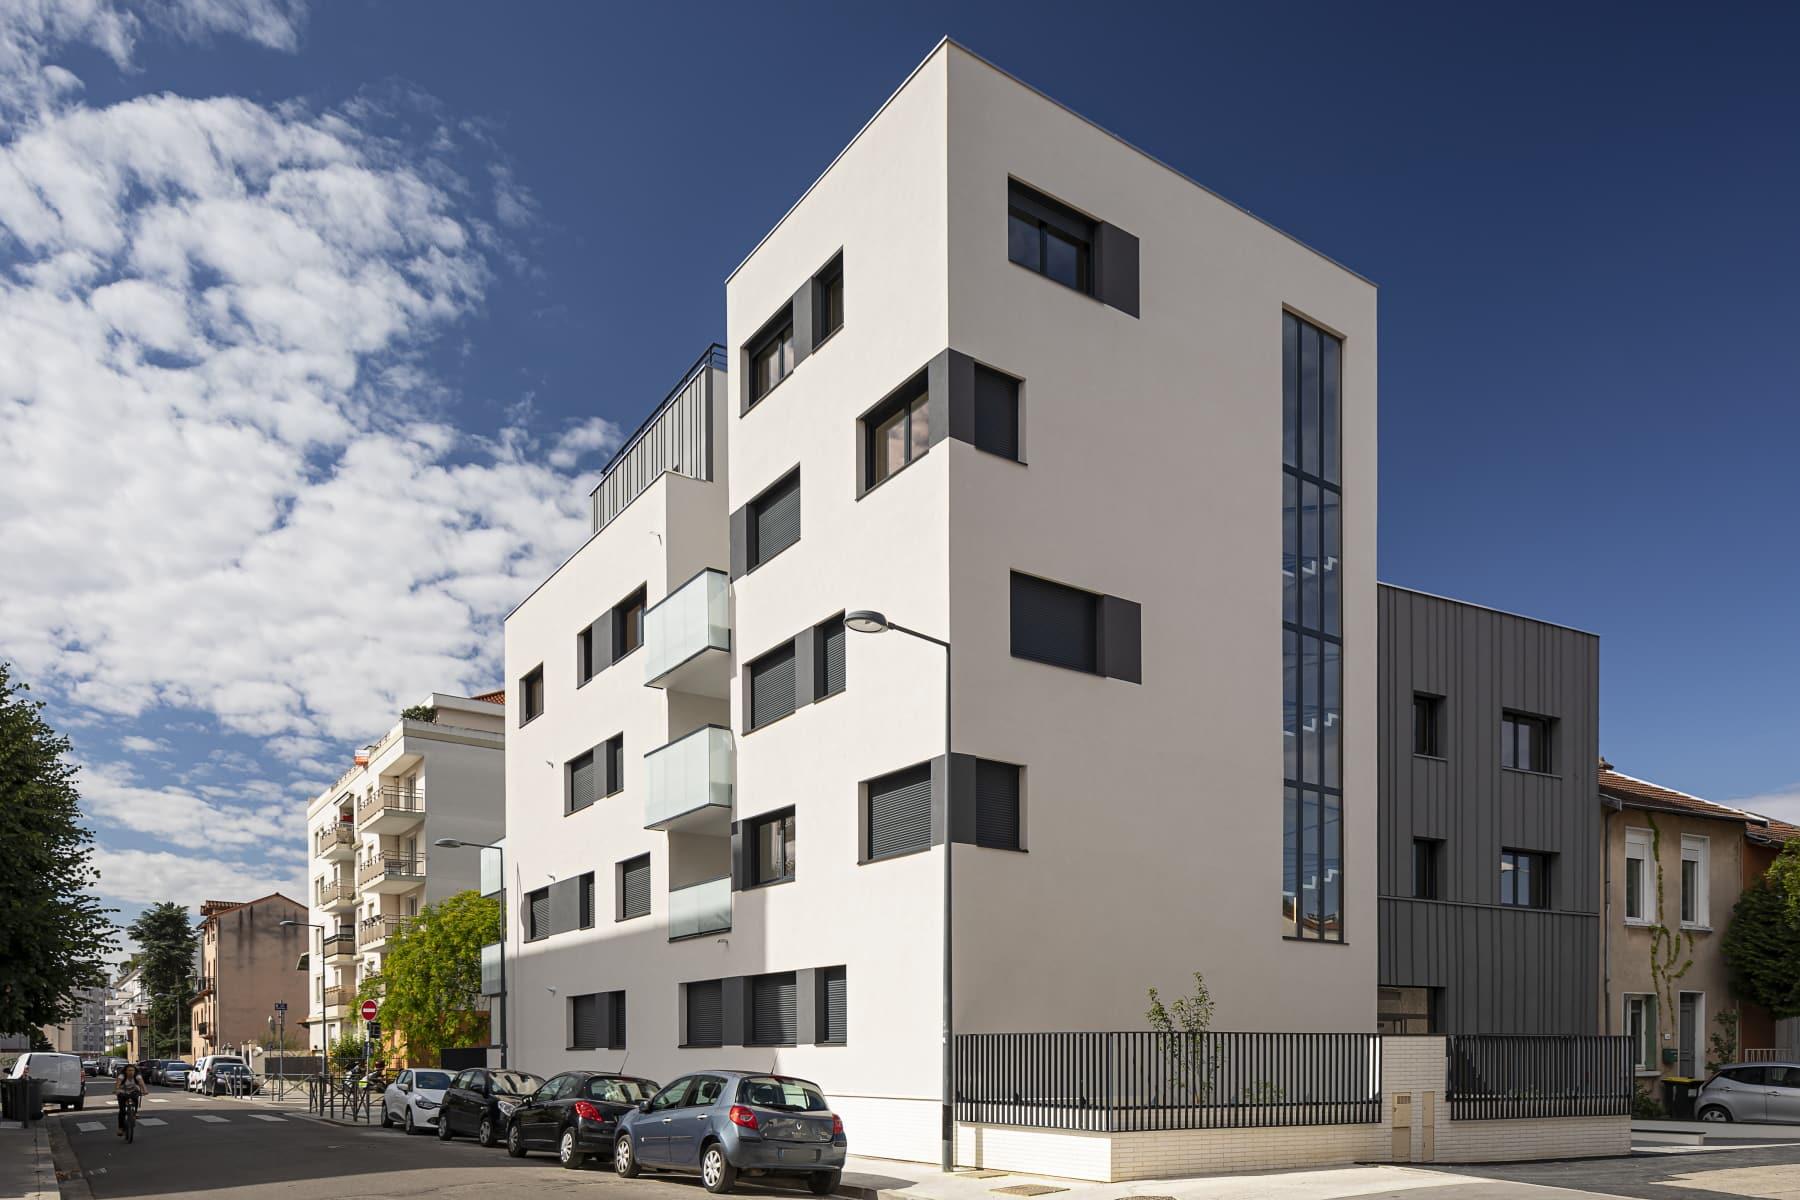 Villeurbanne immobilier Pinel CIEL Villeurbanne - depuis impasse de Fontanières